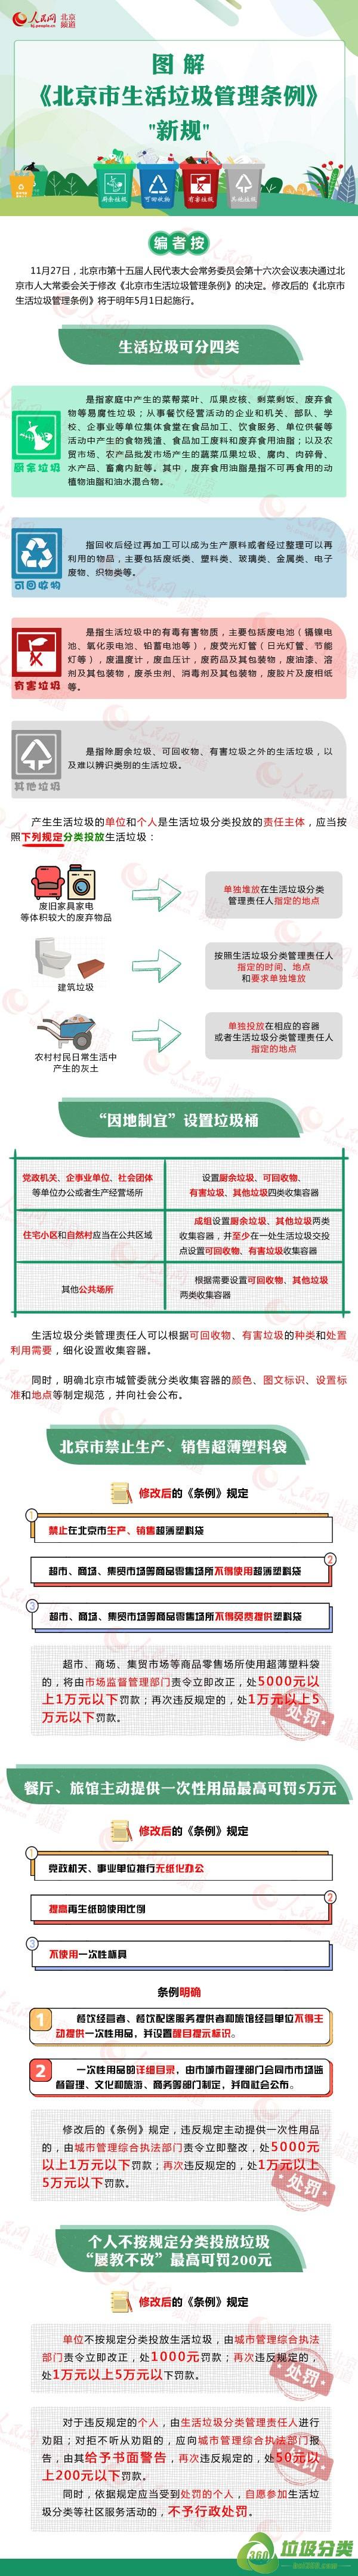 《北京市生活垃圾管理条例》新规图解